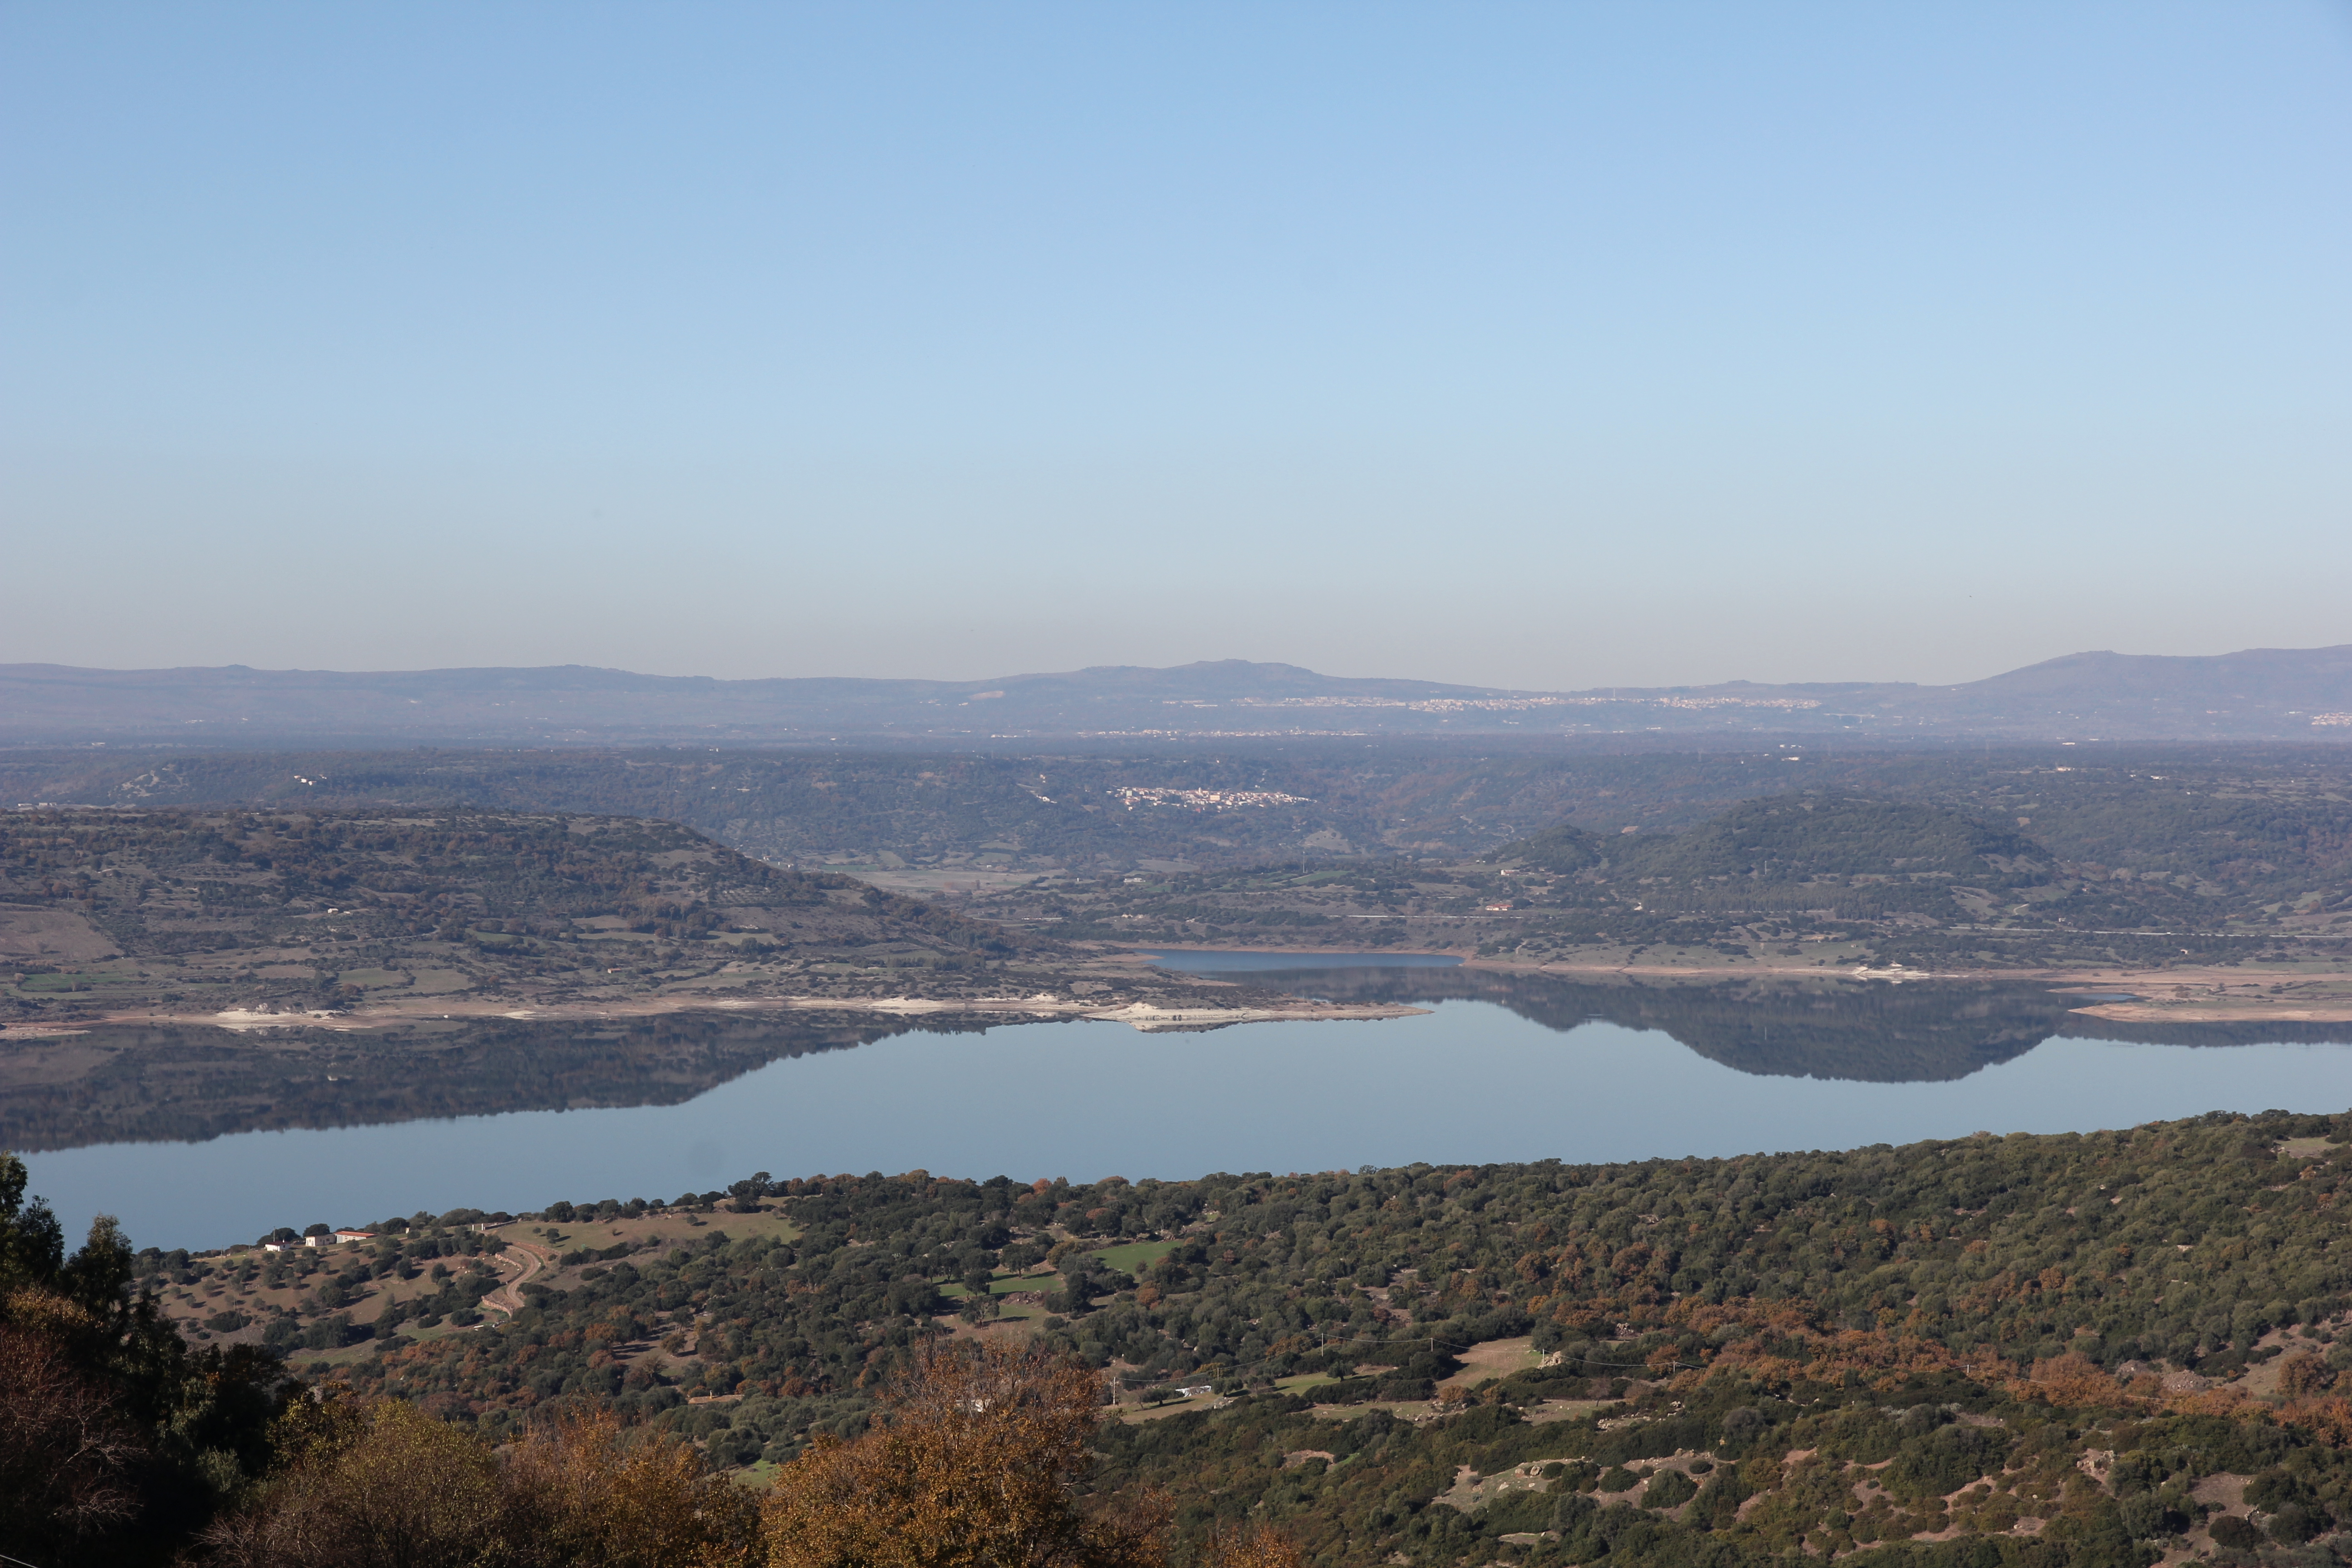 Omodeo järv